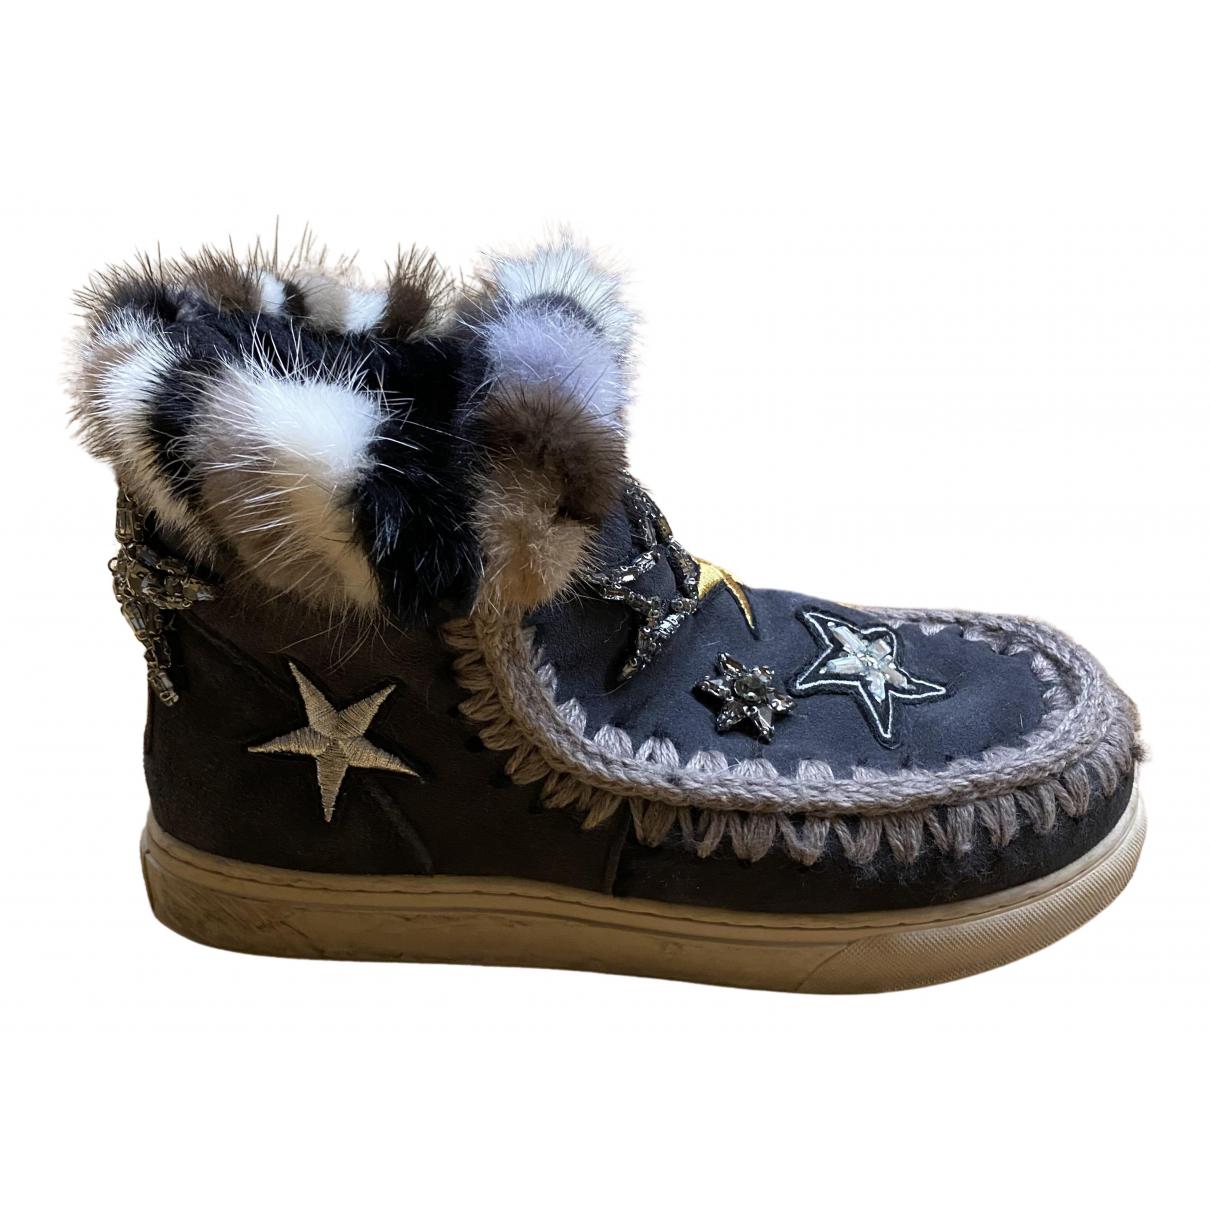 Mou - Boots   pour femme en a paillettes - anthracite